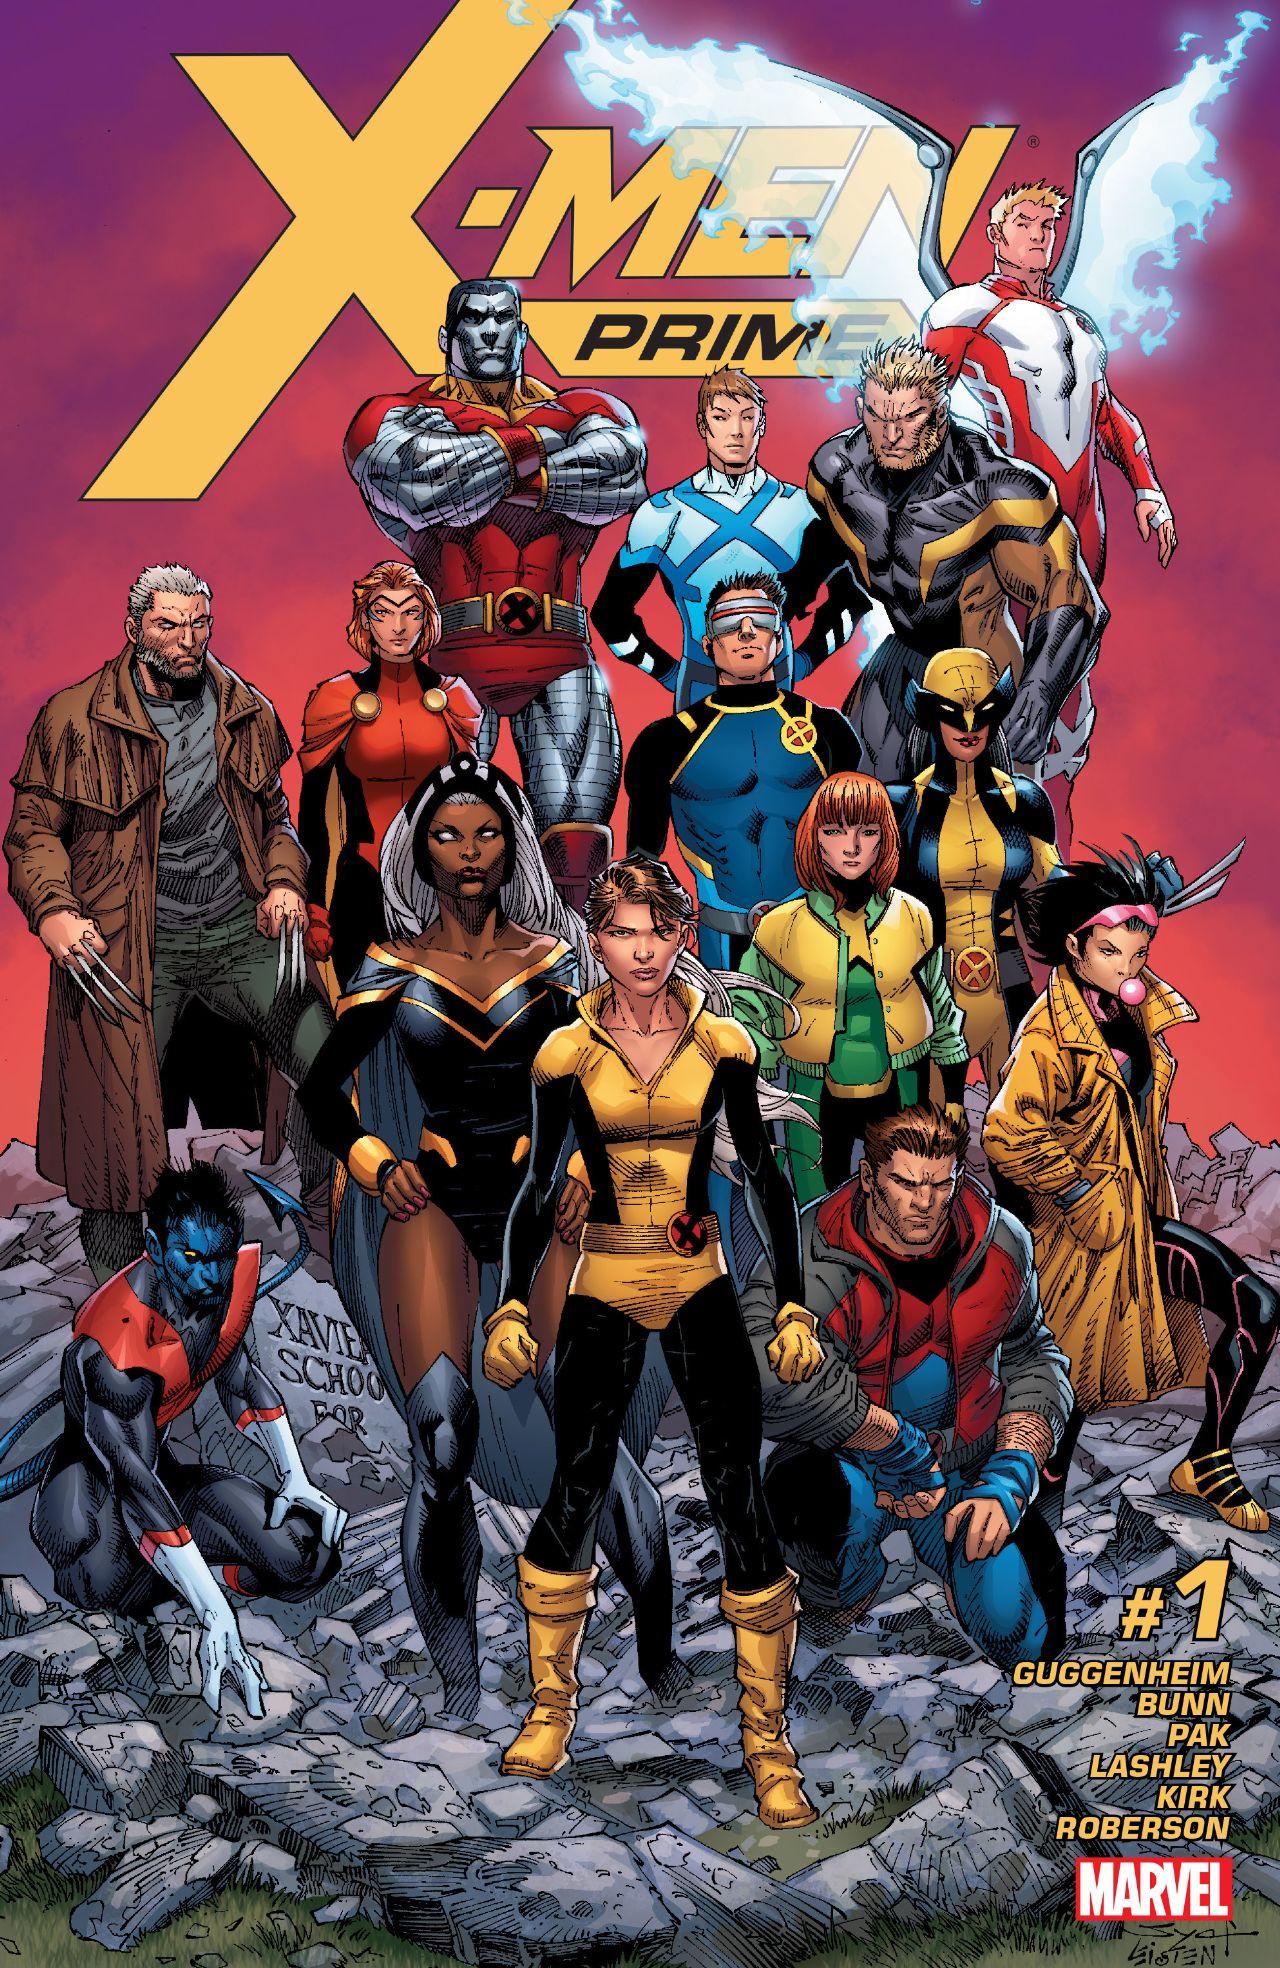 X-Men Prime #1 Cover